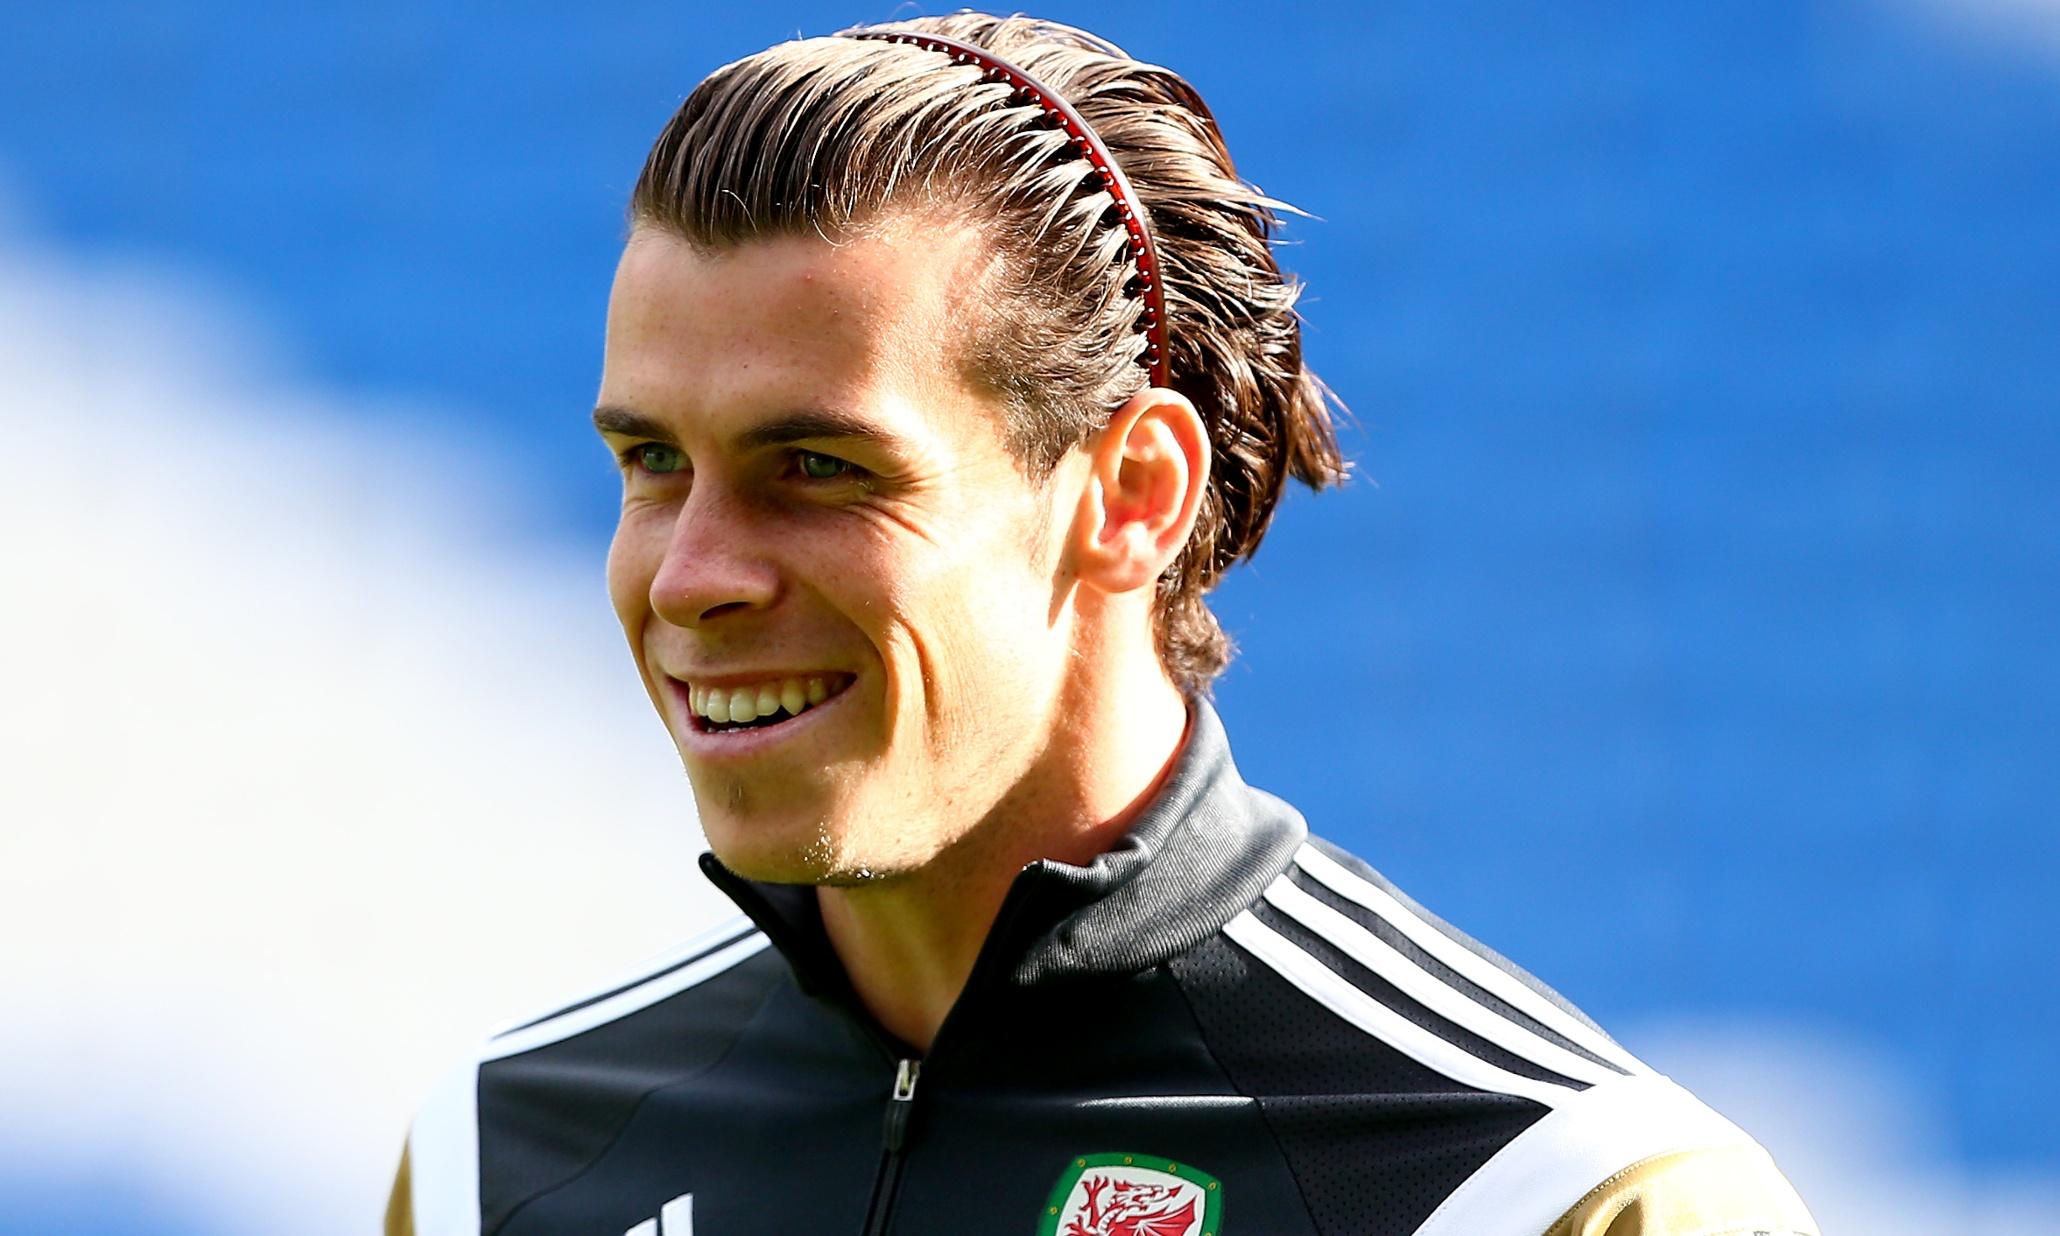 Топ-10: Самые эксцентричные причёски в футболе 31